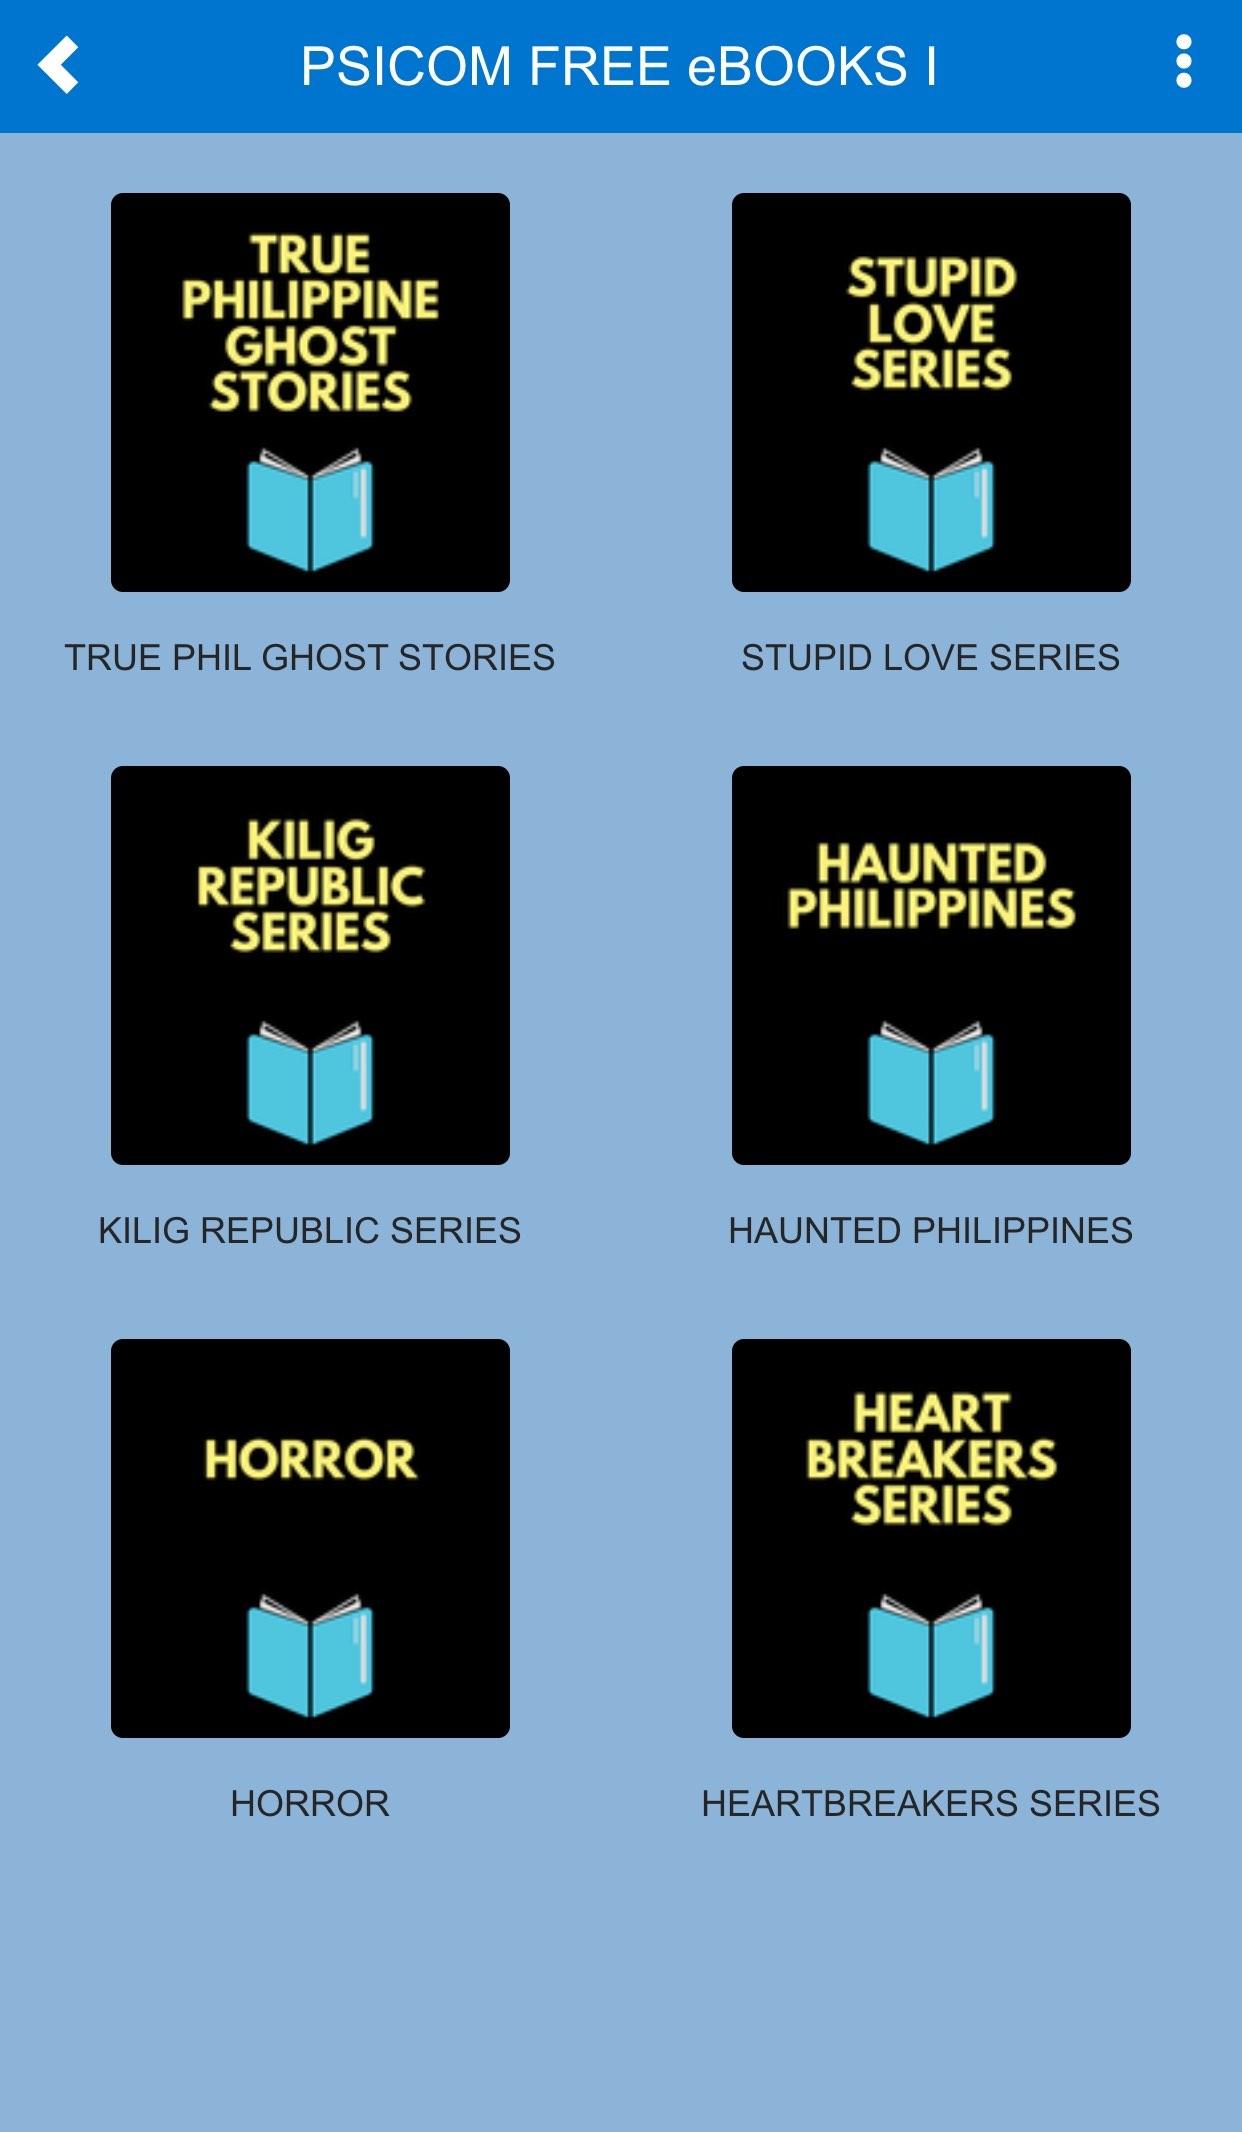 true philippine ghost stories read online 1